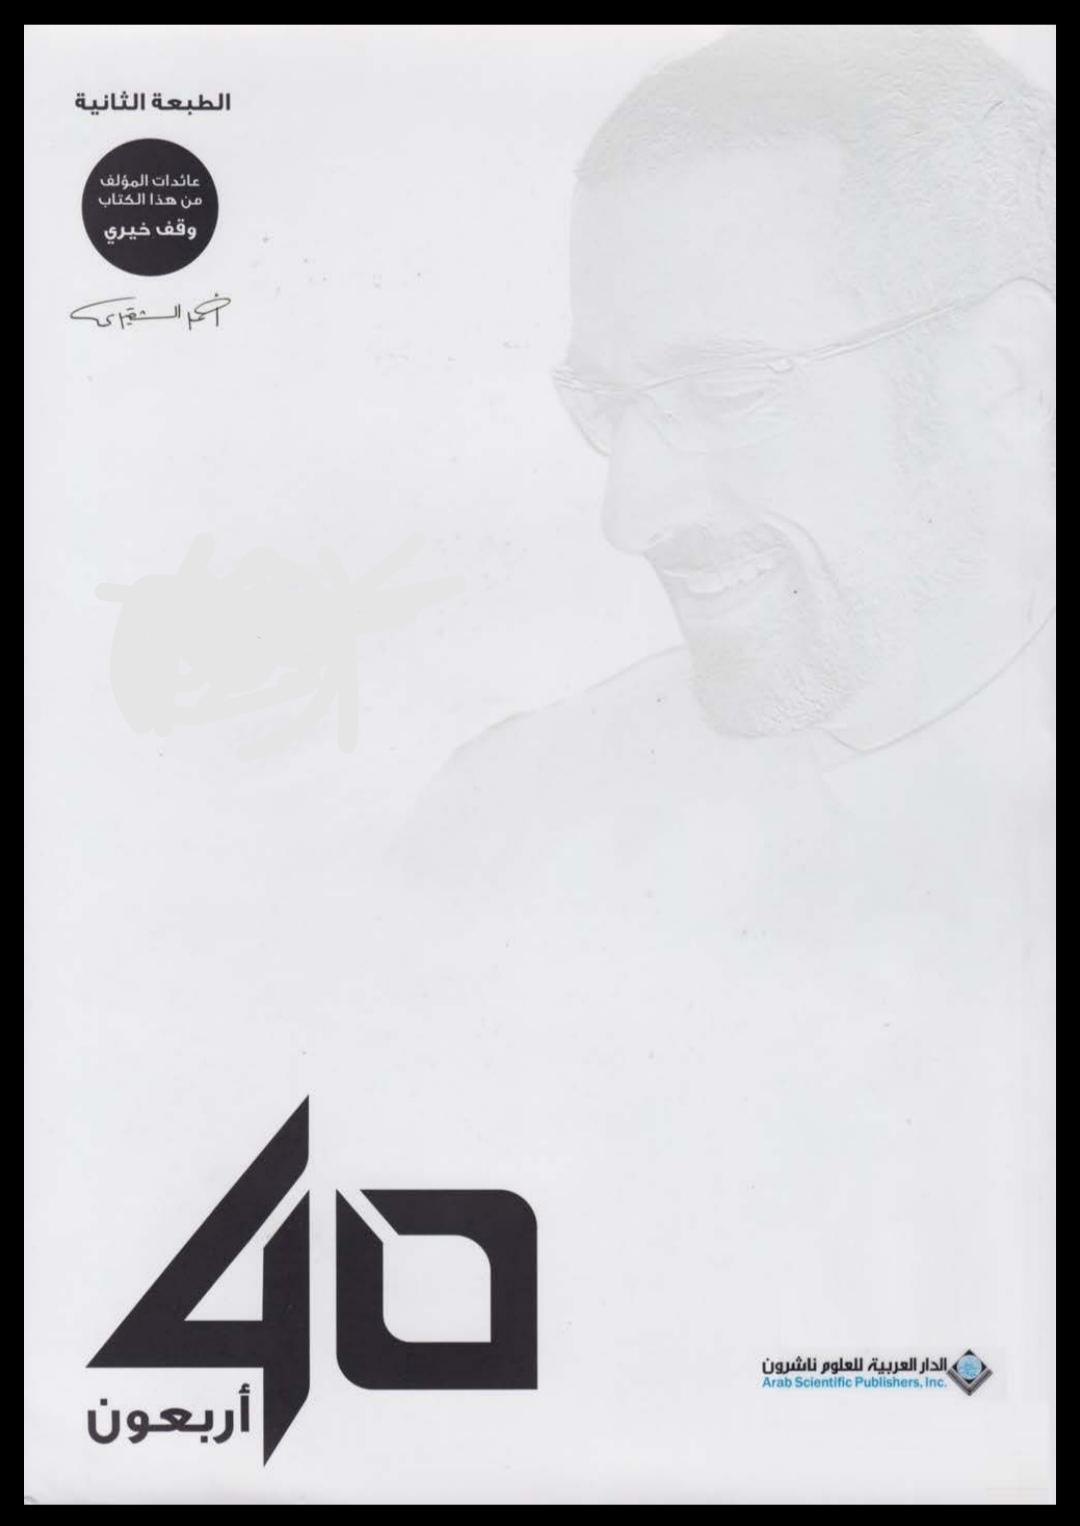 حمل كتاب أربعون للكاتب أحمد الشقيري pdf